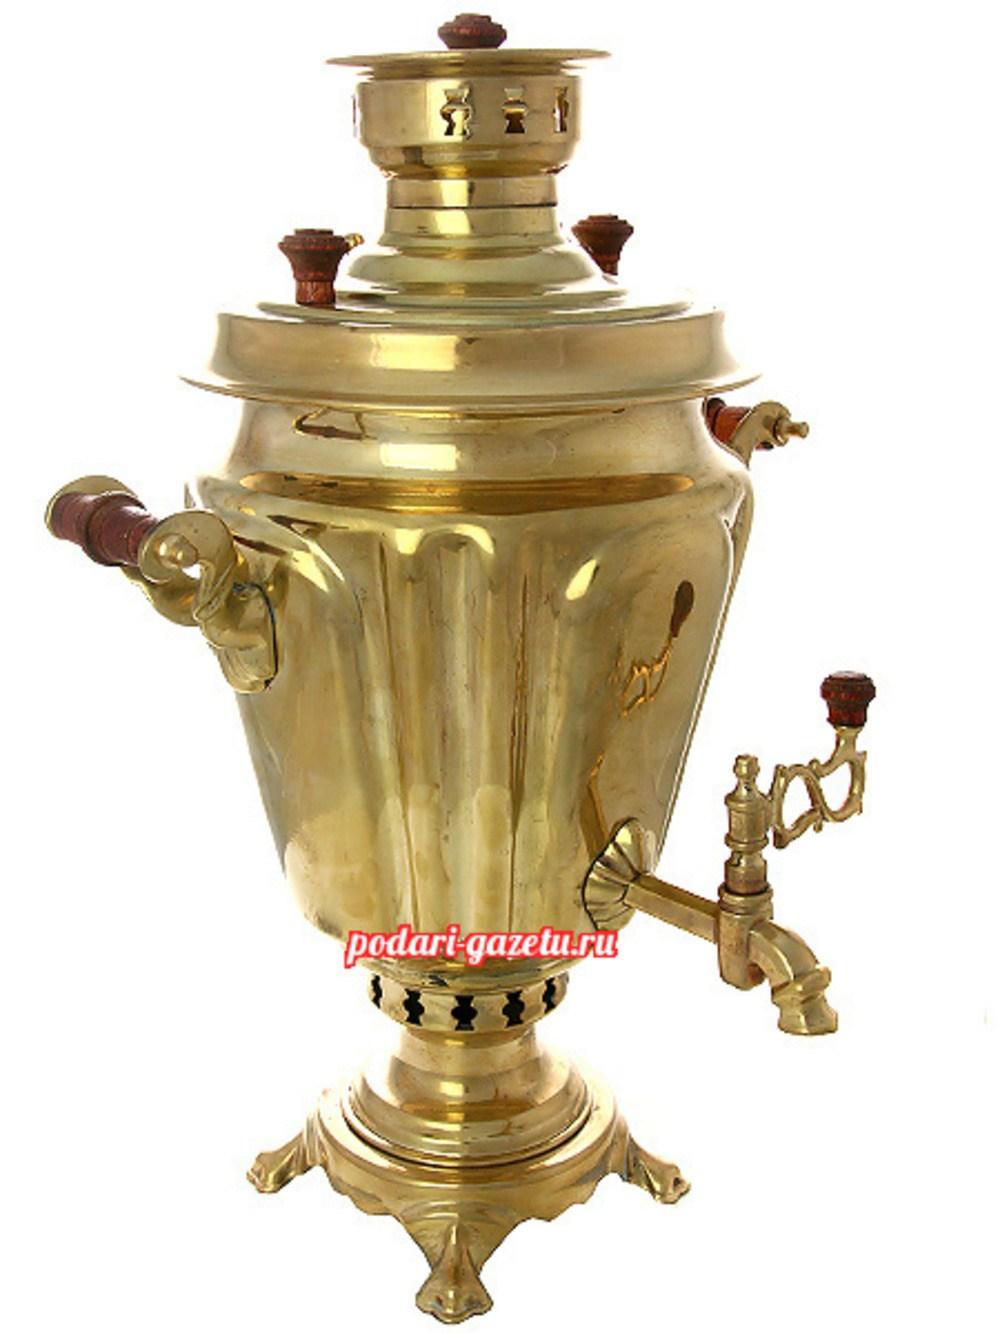 Комбинированный самовар (электрический/угольный) на 5 литров желтый конус граненый